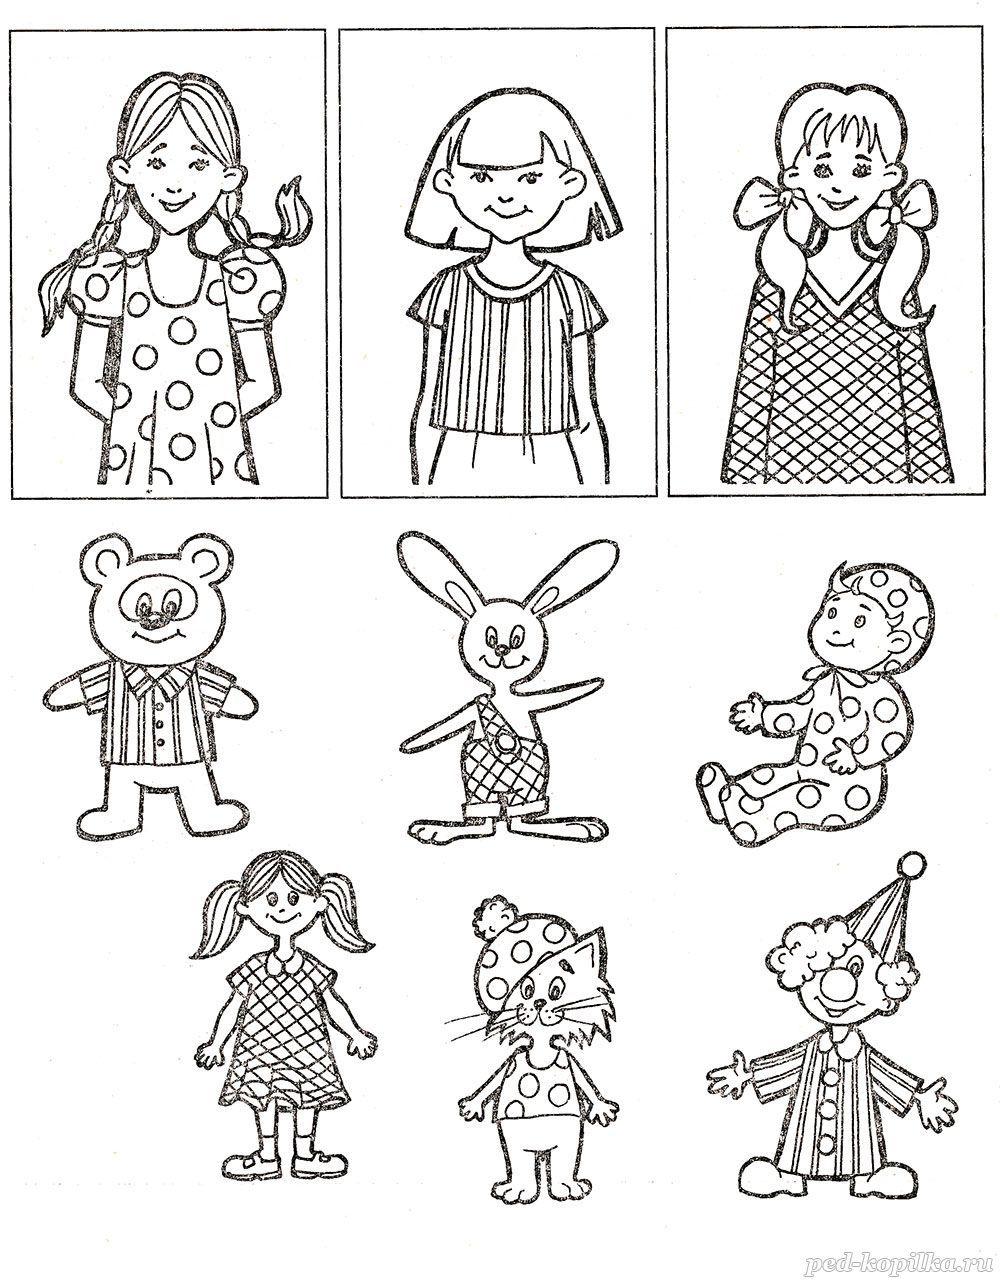 Oktatasi Feladatok A Logika A Gyermekek 4 5 Ev Kinek A Jateka Deti Razvivayushie Uprazhneniya Dlya Detej